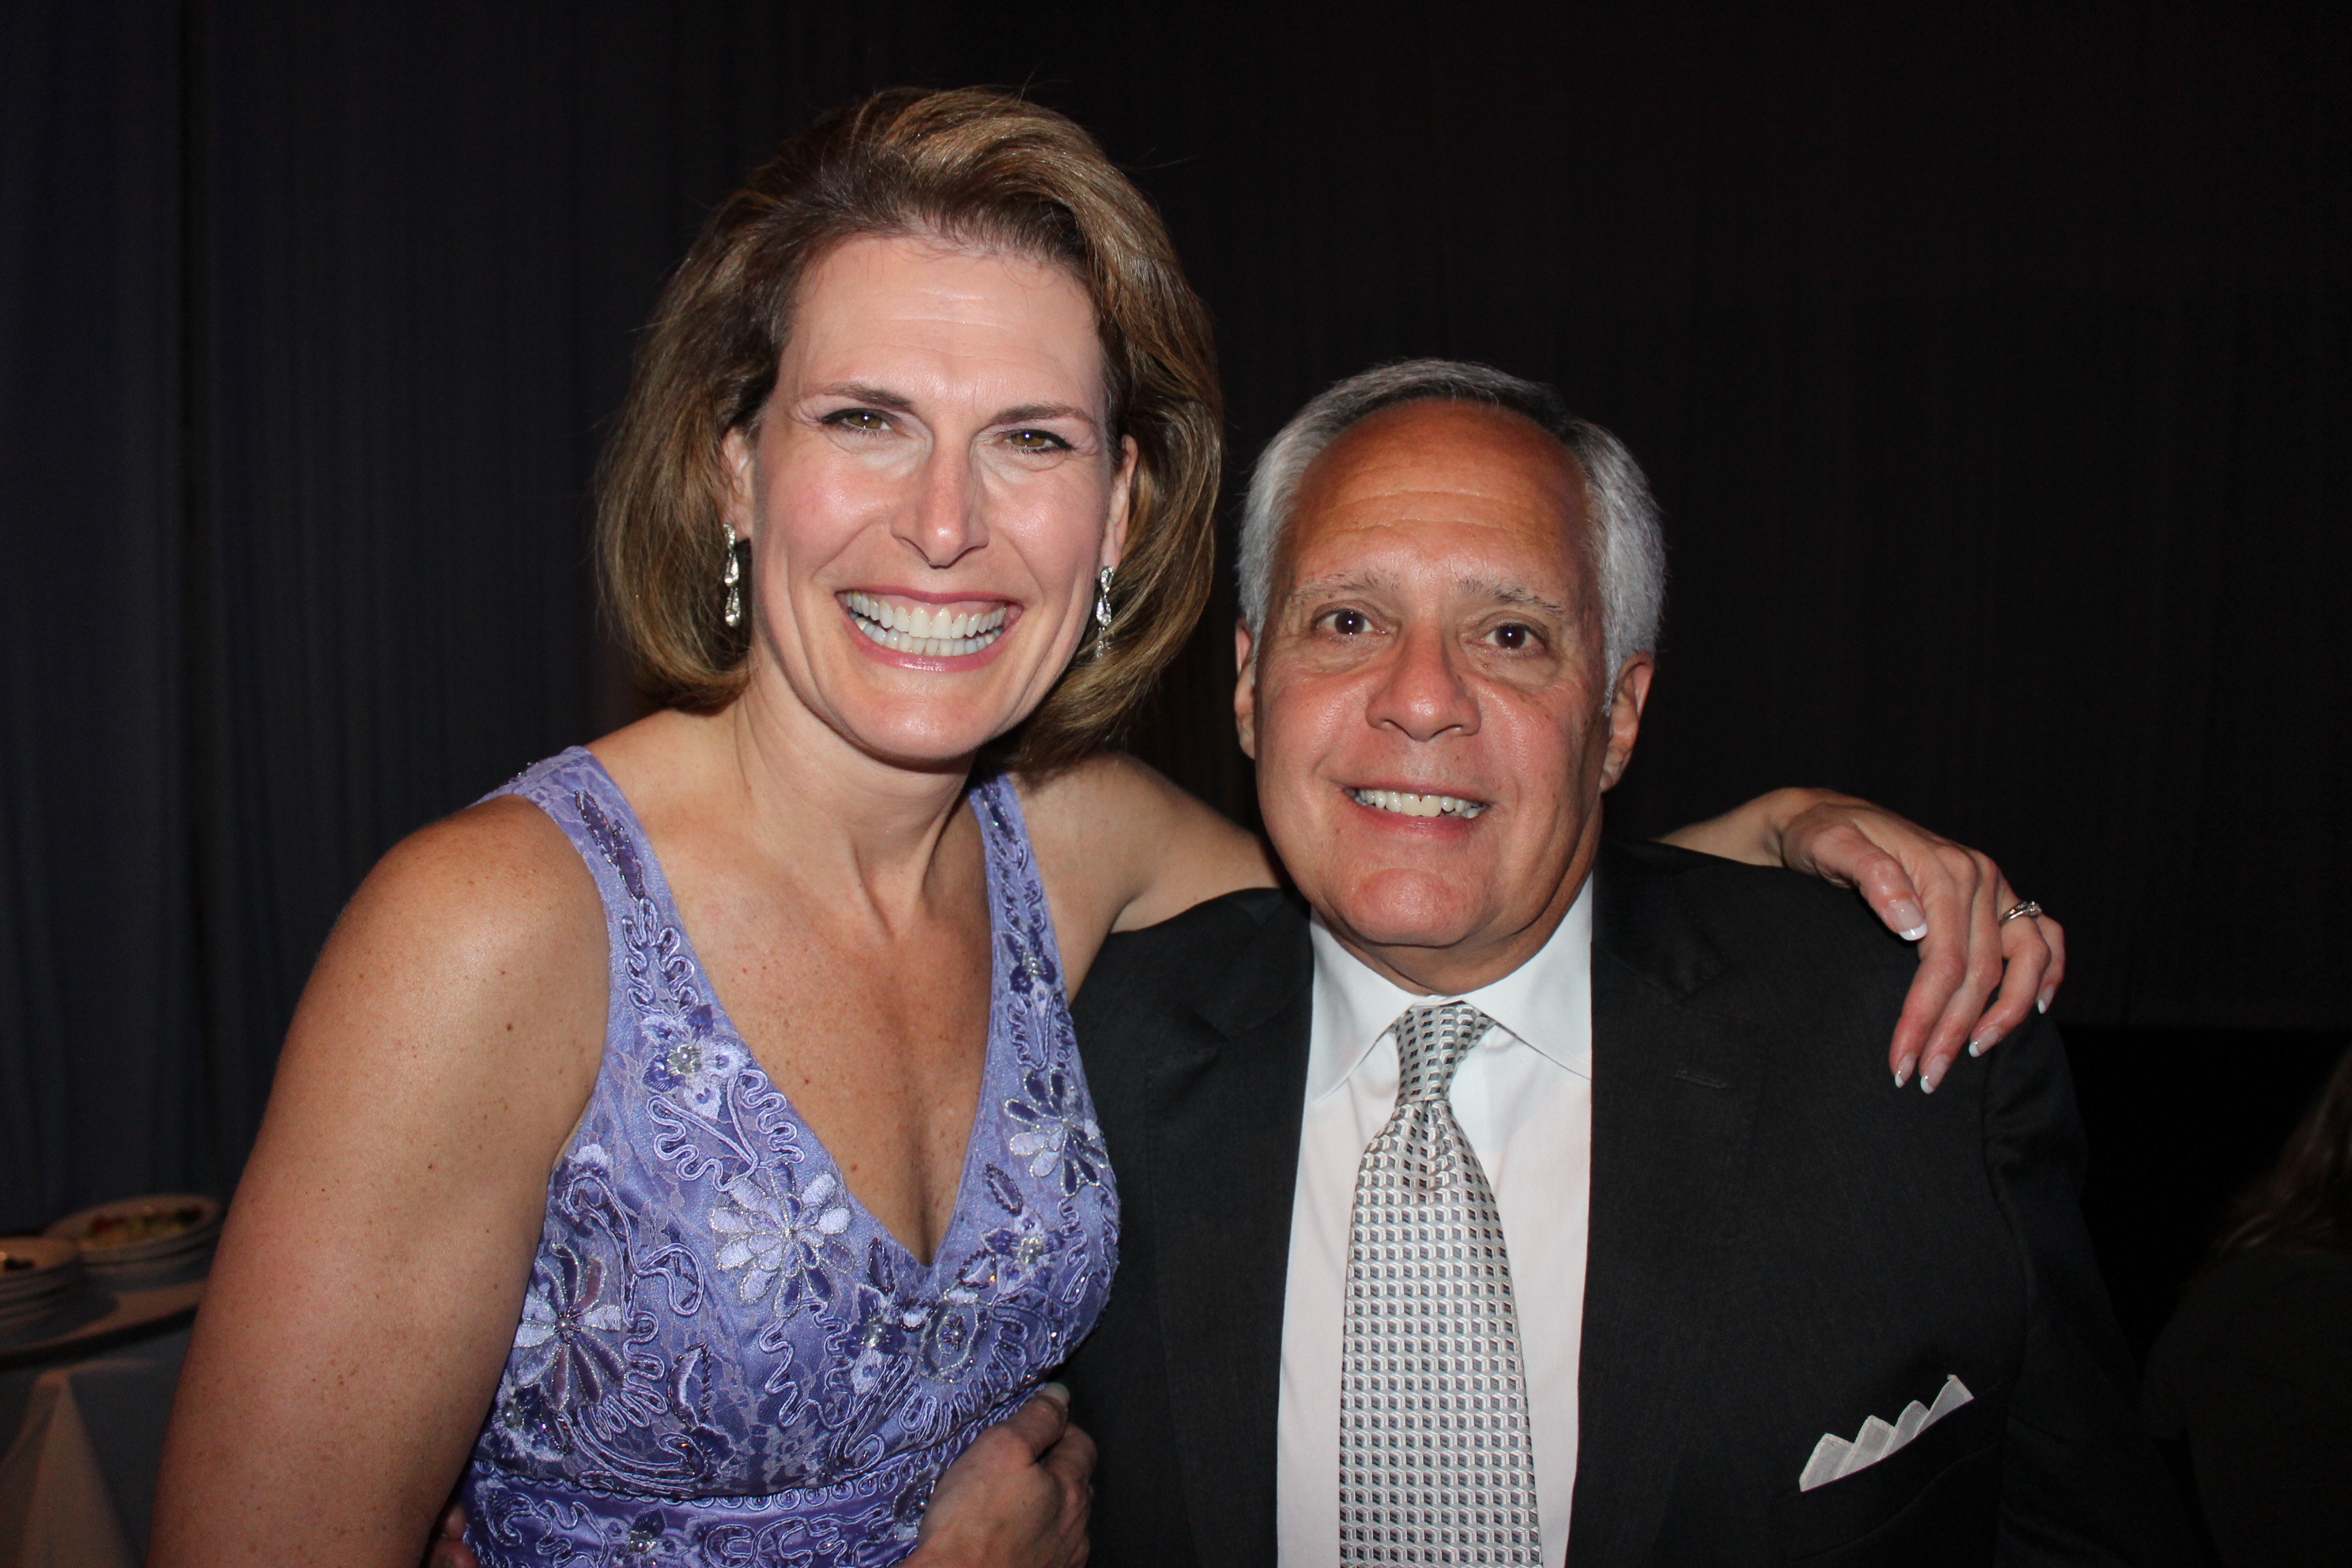 Rebecca LeClair and Joe Paglia